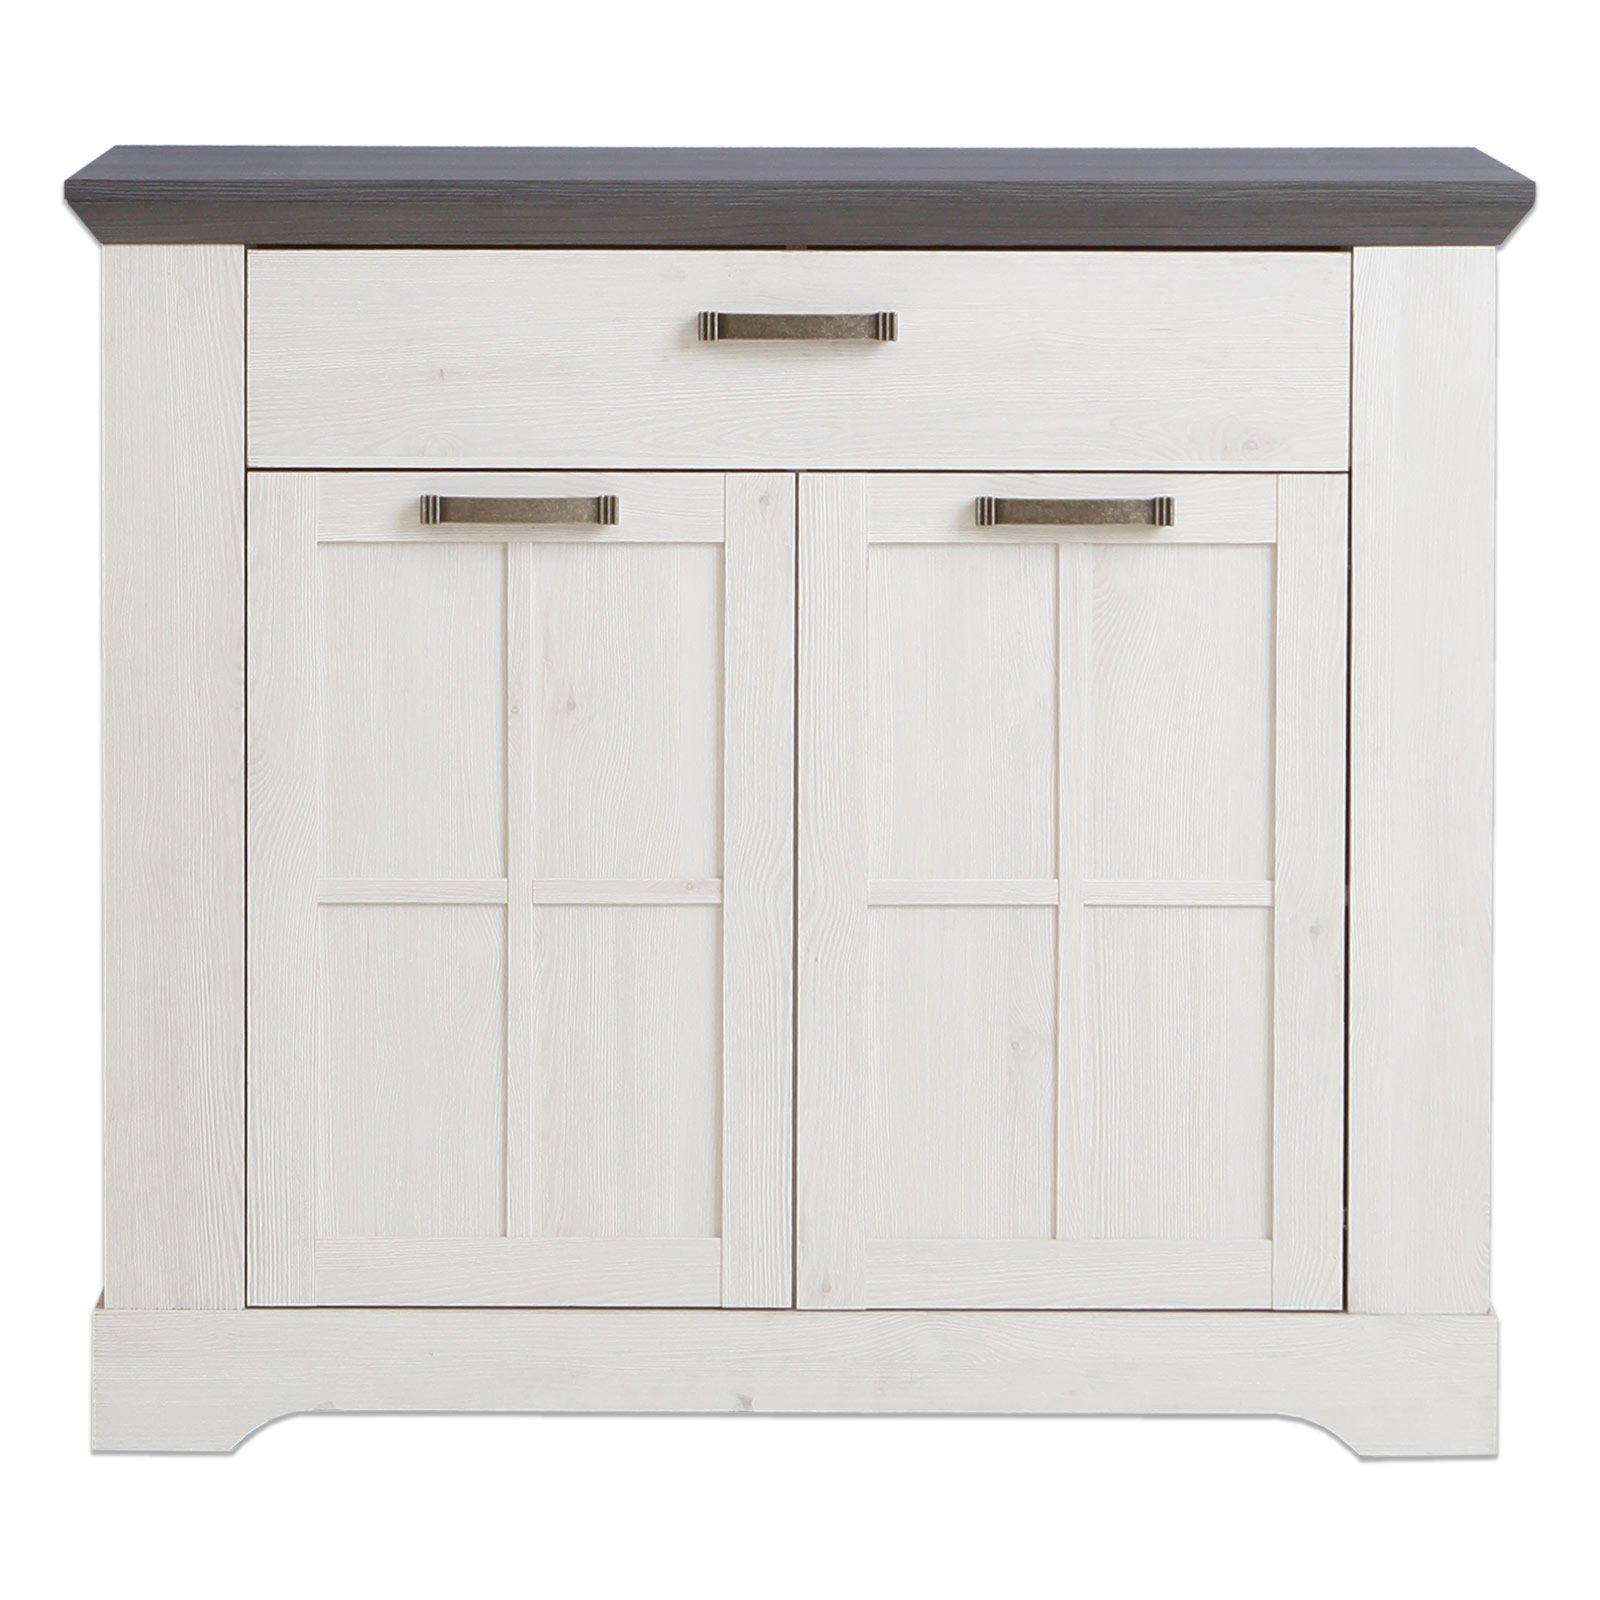 kommode gasparo schneeeiche pinie grau 105 cm breit kommoden sideboards m bel. Black Bedroom Furniture Sets. Home Design Ideas